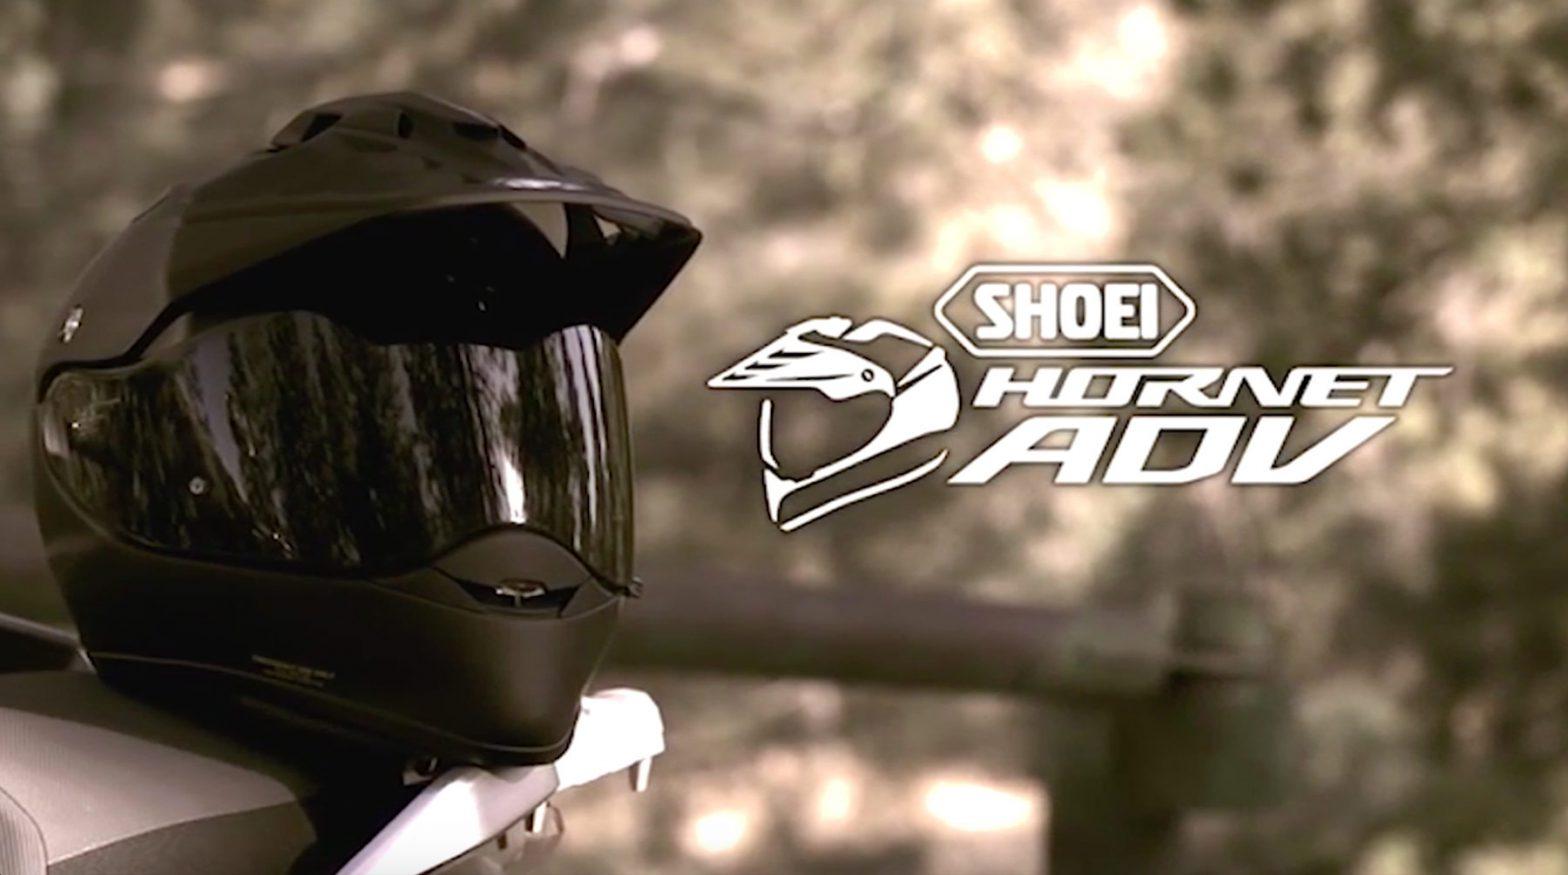 hornet-adv-shoei-cimettolatesta